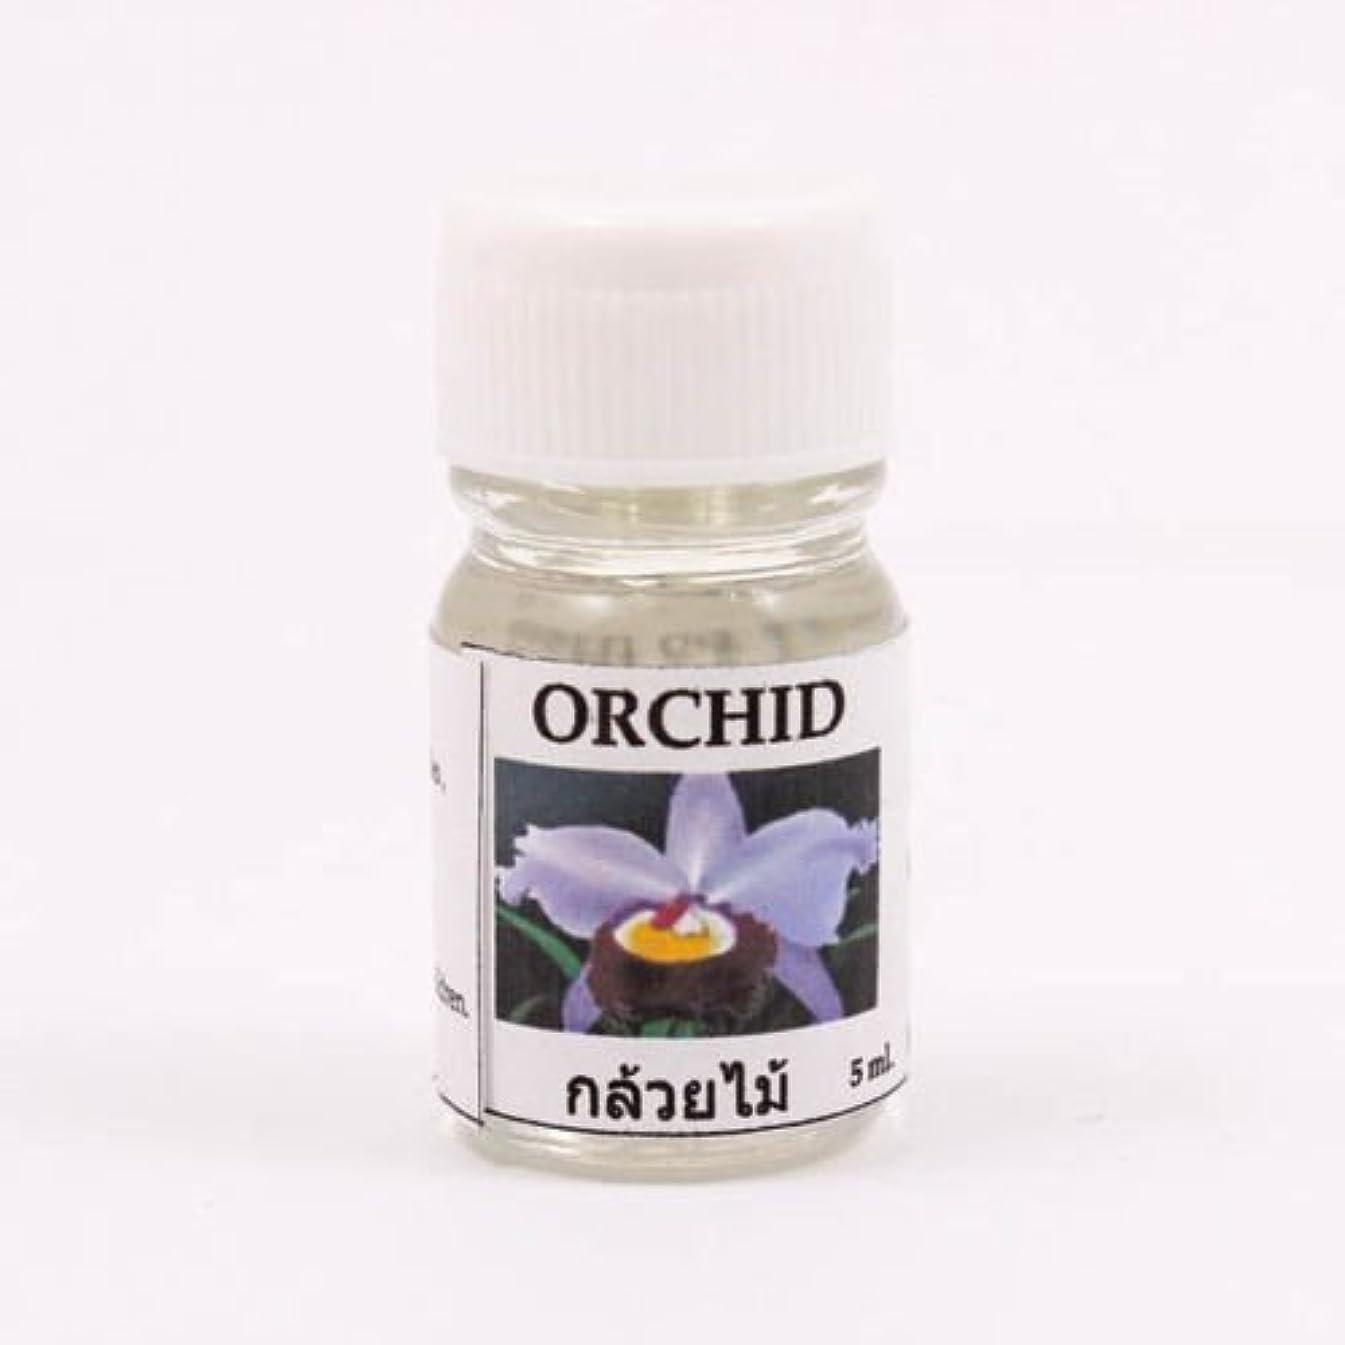 あたたかい効率期待して6X Orchid Aroma Fragrance Essential Oil 5ML. (cc) Diffuser Burner Therapy